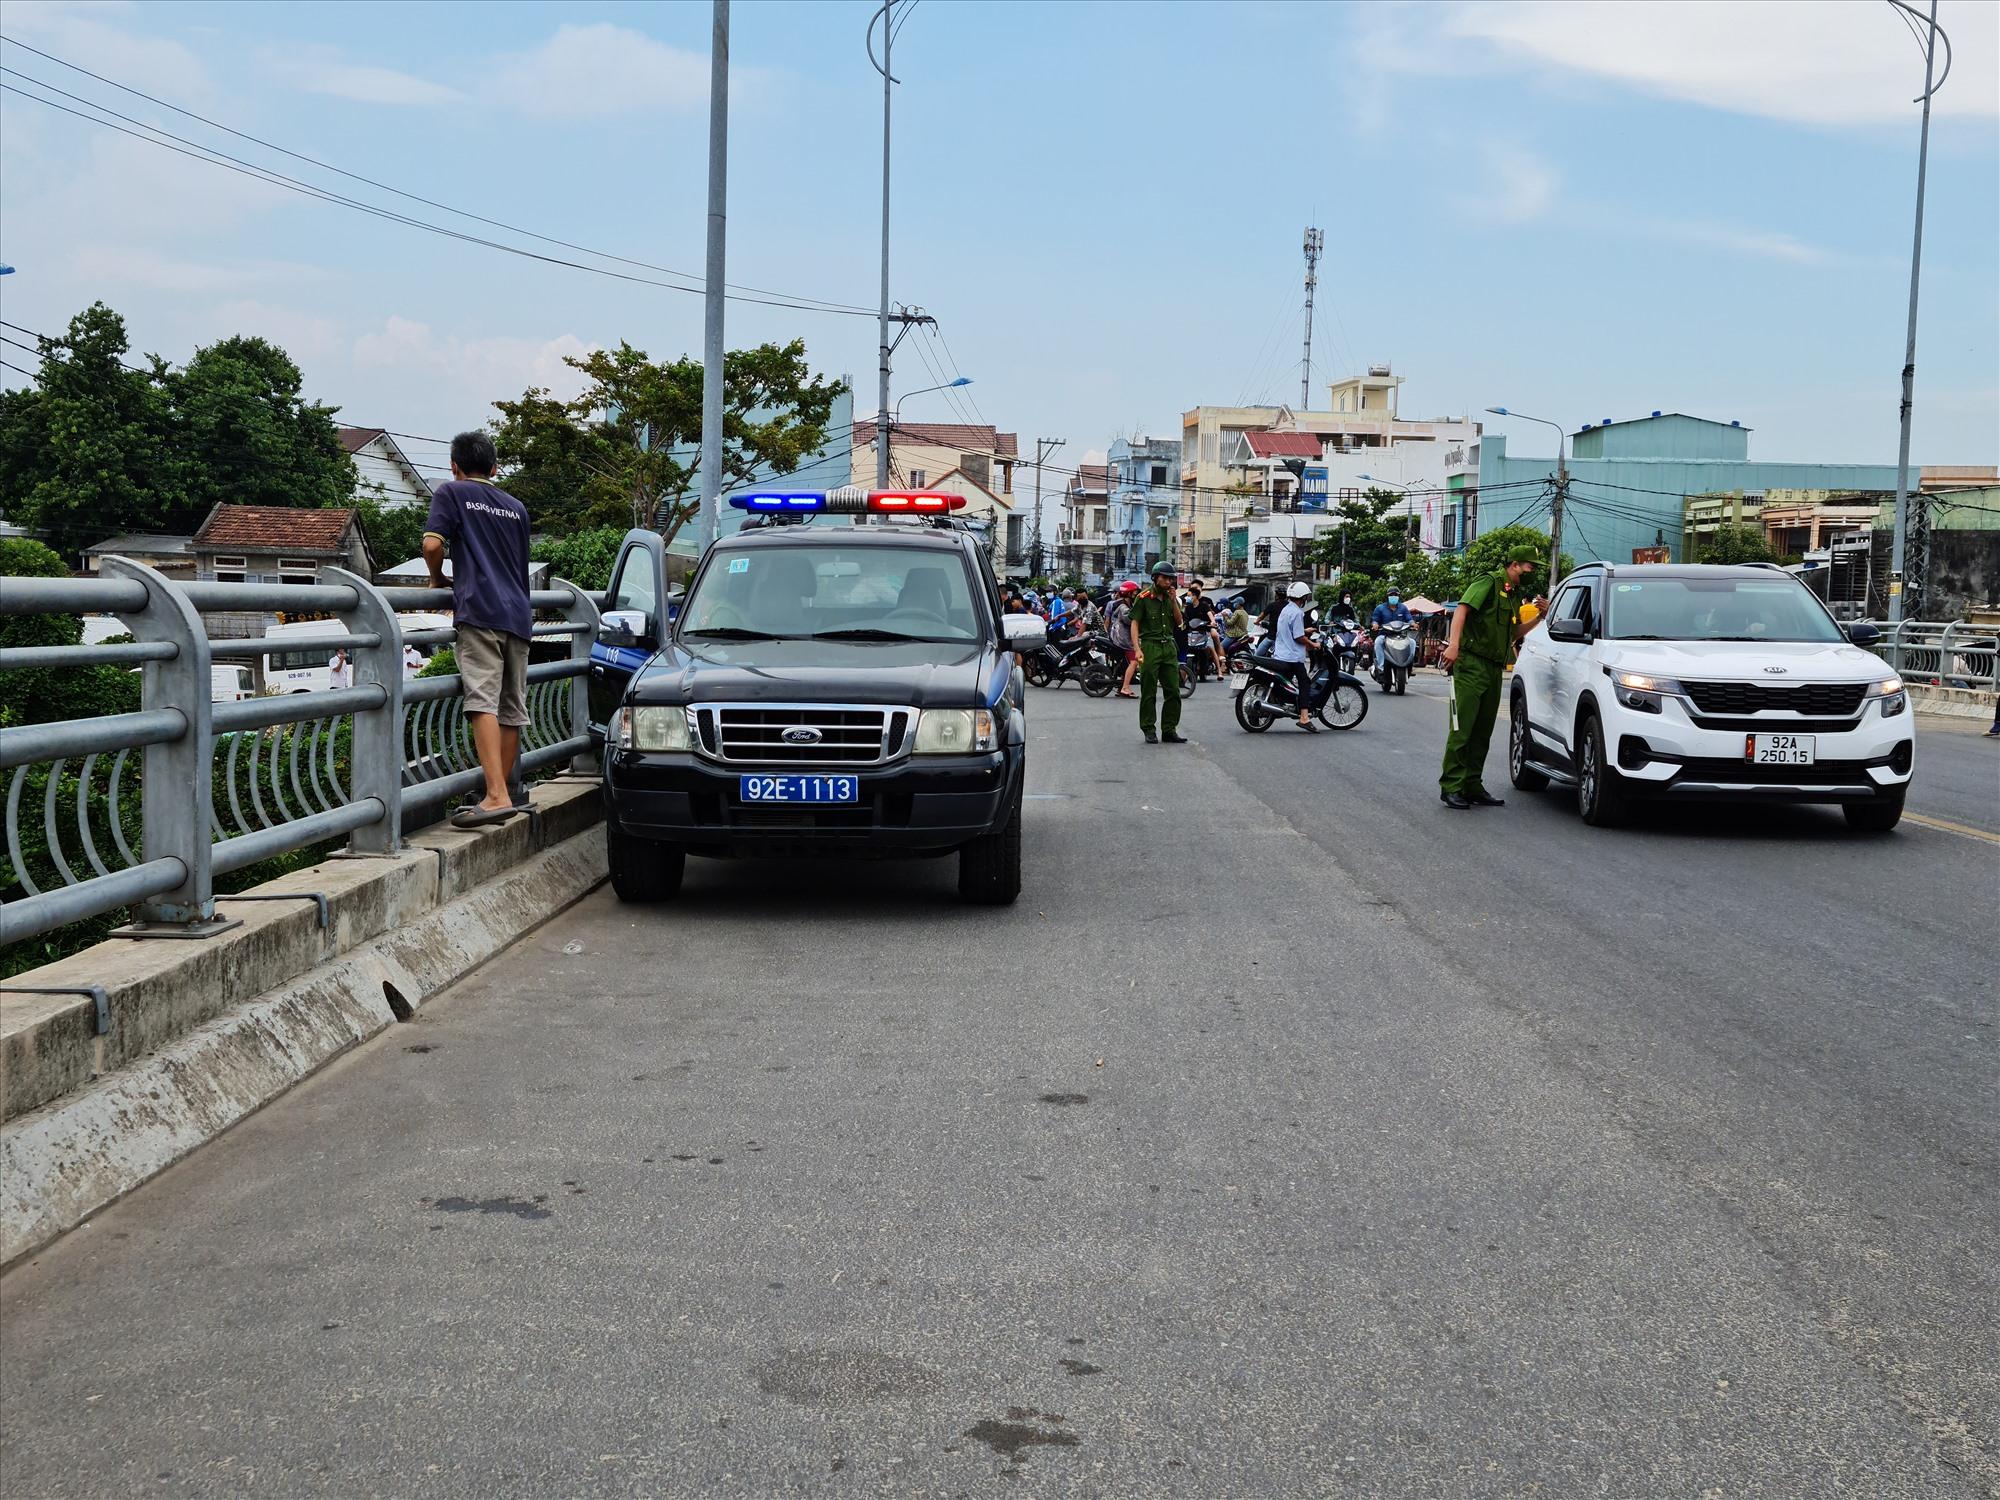 Lực lượng chức năng lập tức có mặt yêu cầu người dân không tụ tập, đảm bảo an toàn phòng chống dịch. Ảnh: T.N